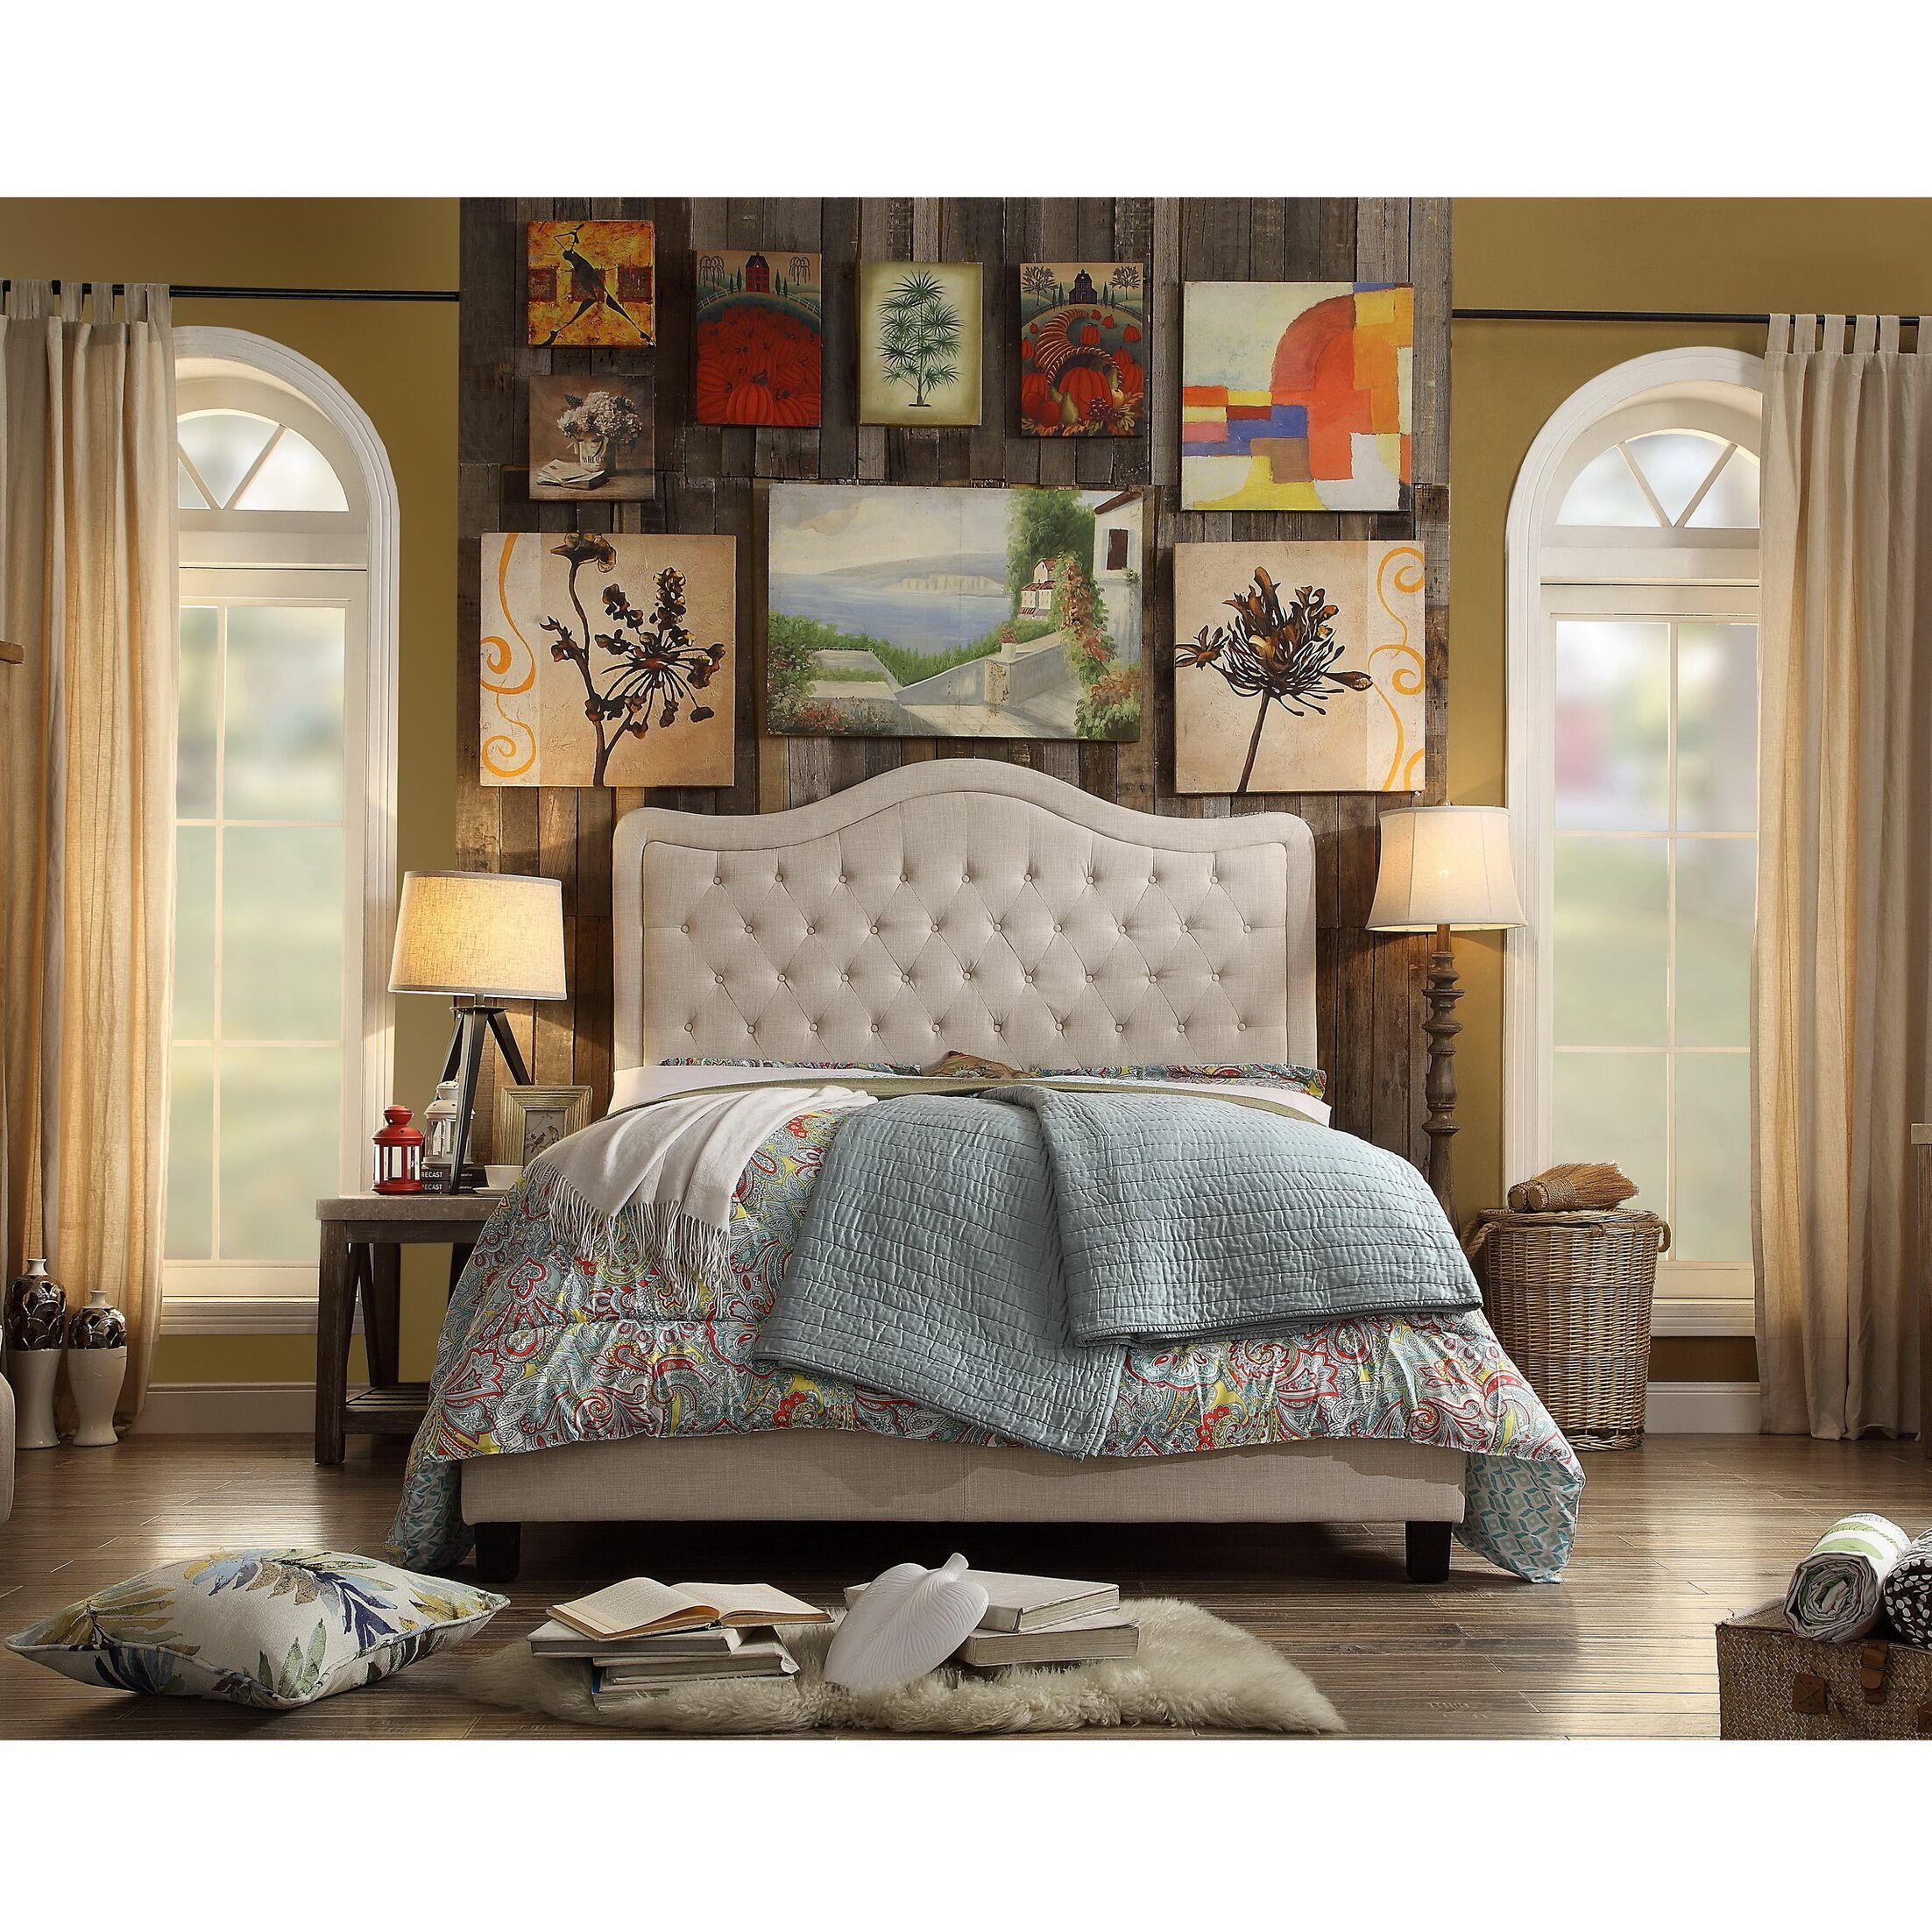 Bannan Upholstered Platform Bed Size: Queen, Color: Beige